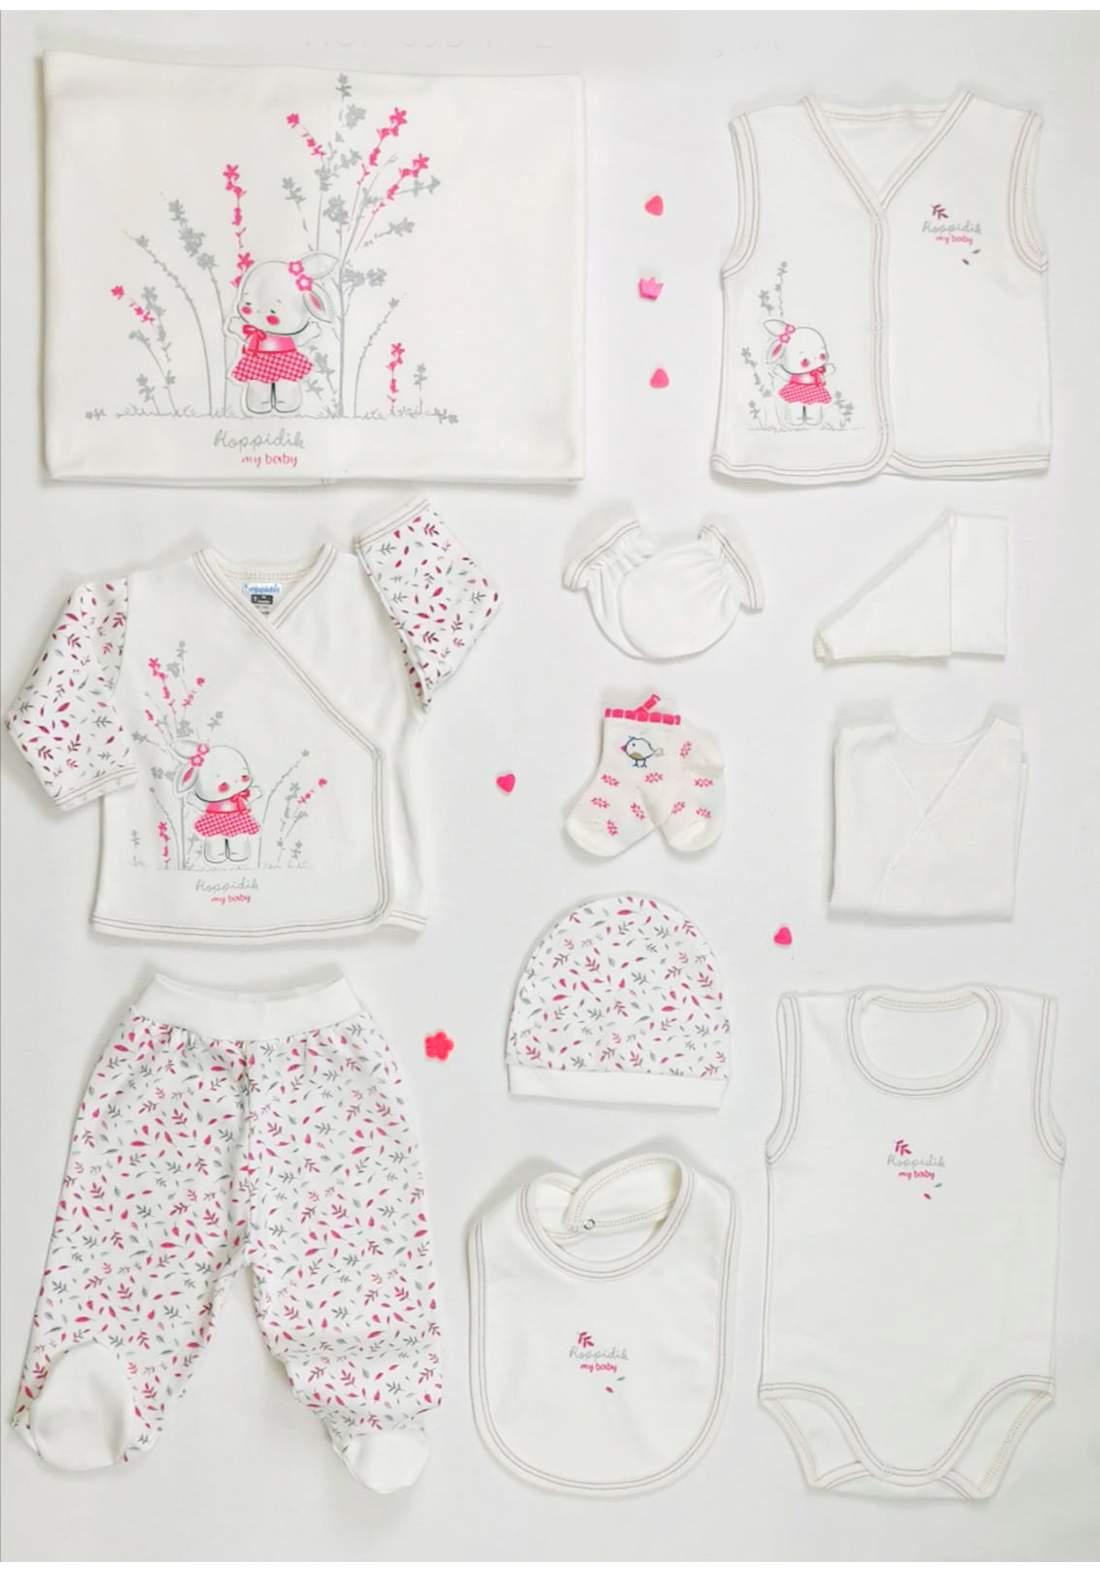 سيت بناتي للاطفال حديثي الولادة وردي وابيض  اللون